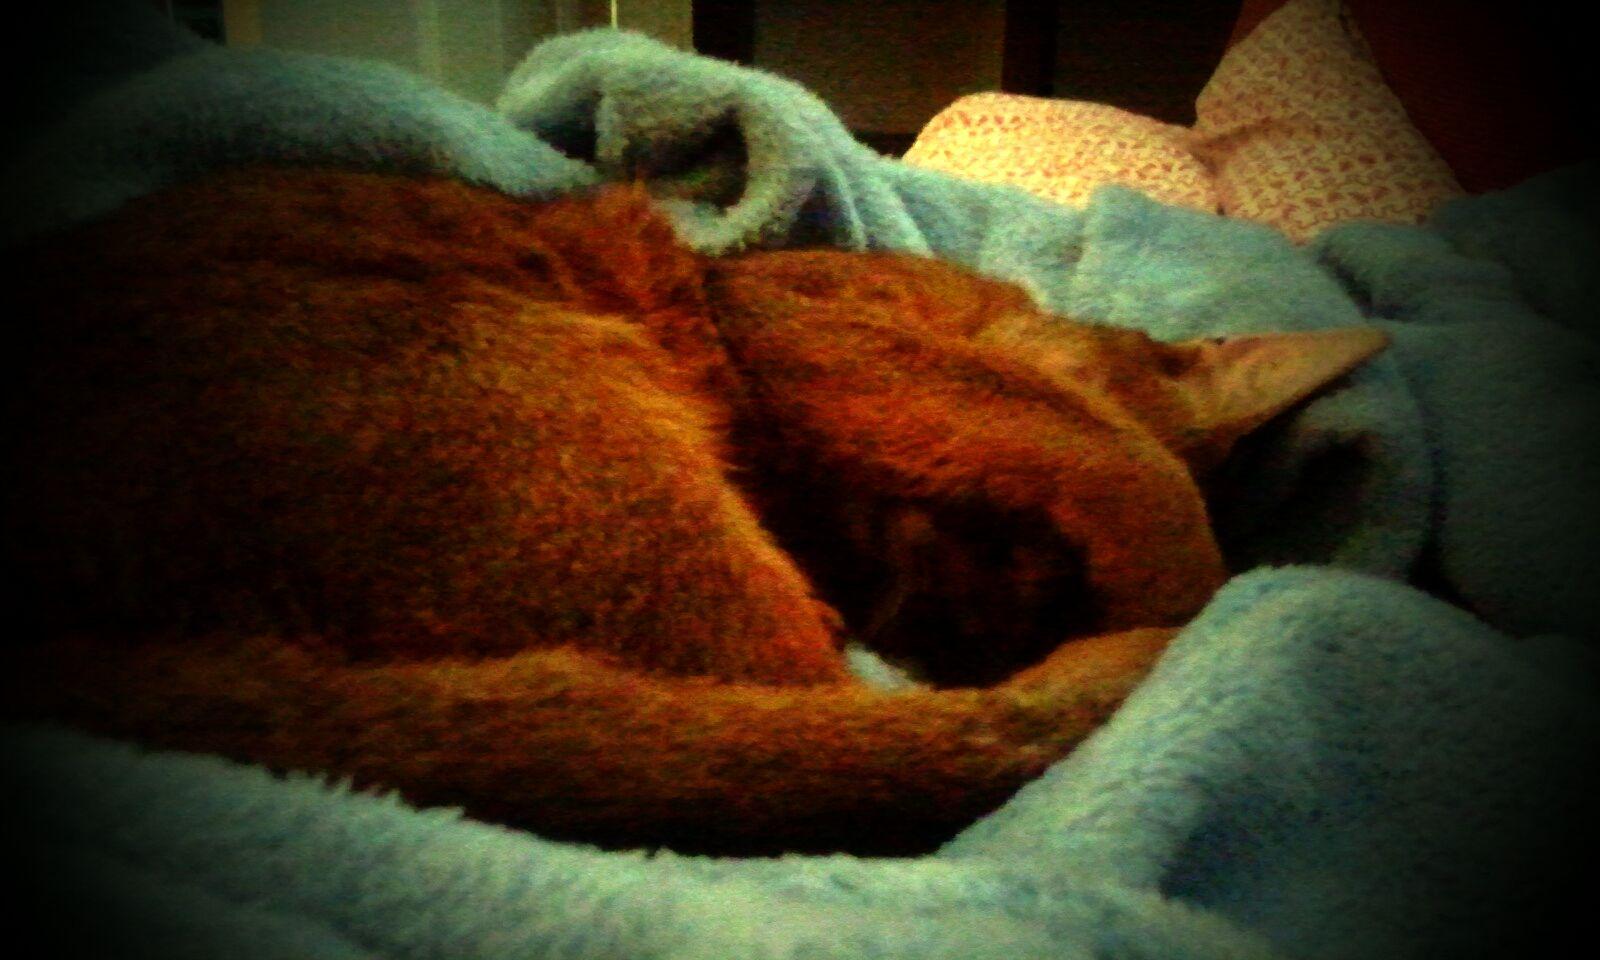 Macksie x (always sleeping)